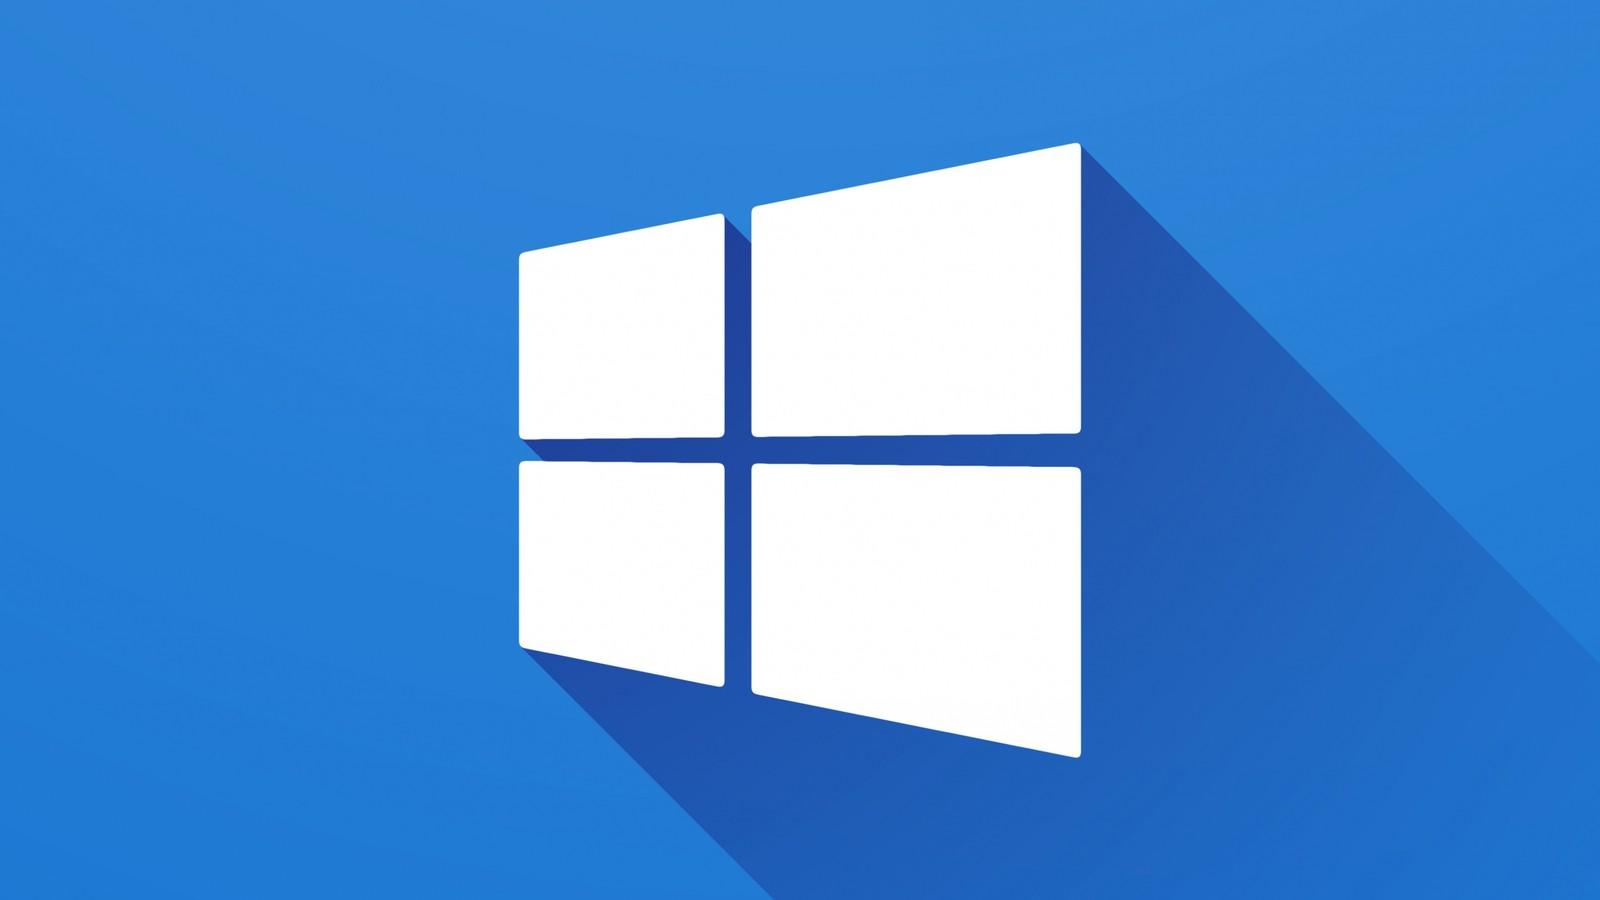 Květen plný slev: Windows 10 Pro za 8,24 EUR a Office 2016 za 19,78 EUR! [sponzorovaný článek]